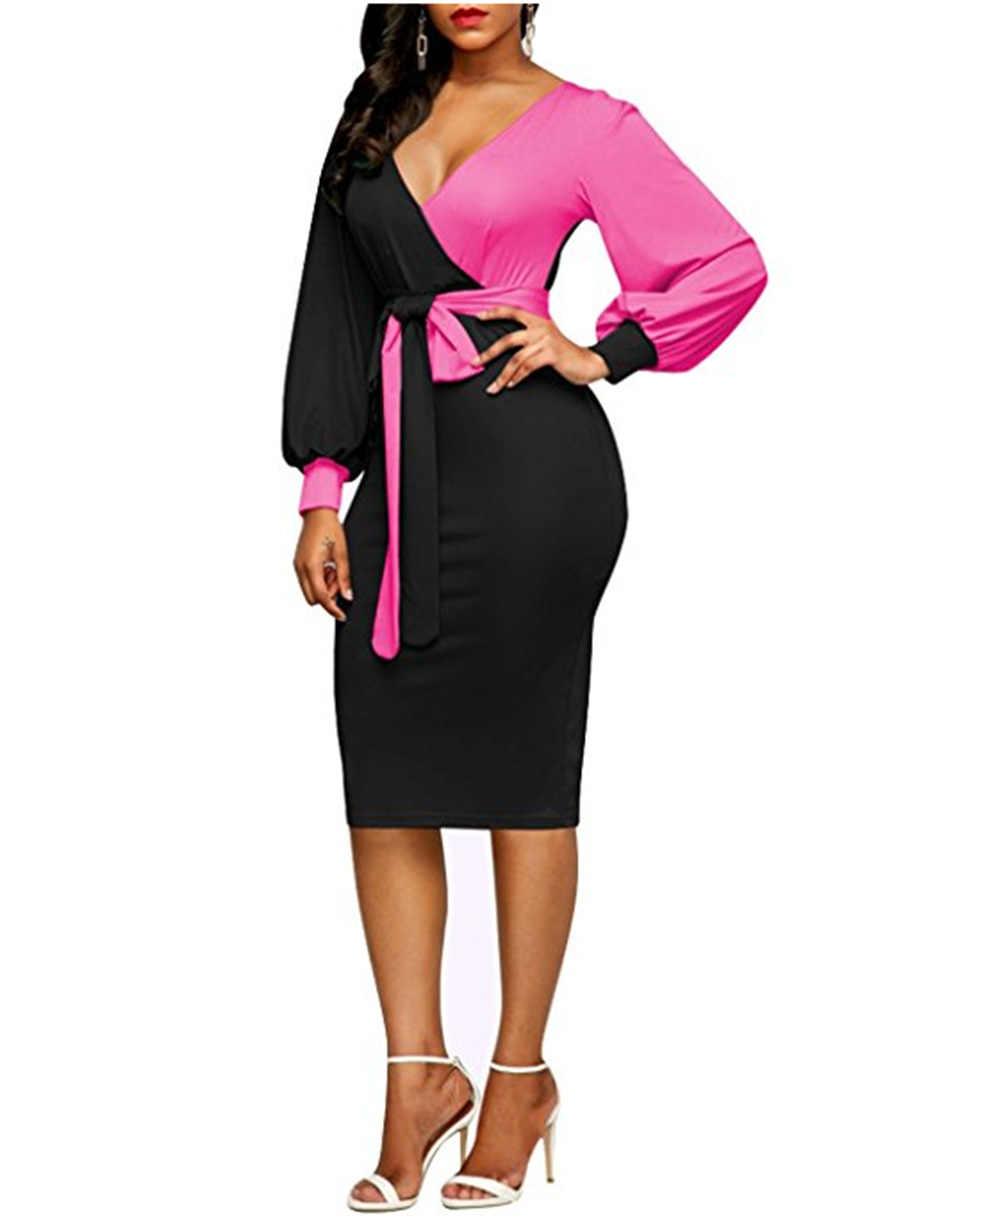 女性のファッションサッシセクシーなオフィスレディワークドレスロングスリーブディープ V ネックコントラストカラーシャツワンピース 2018 冬の女性ドレス Xxl